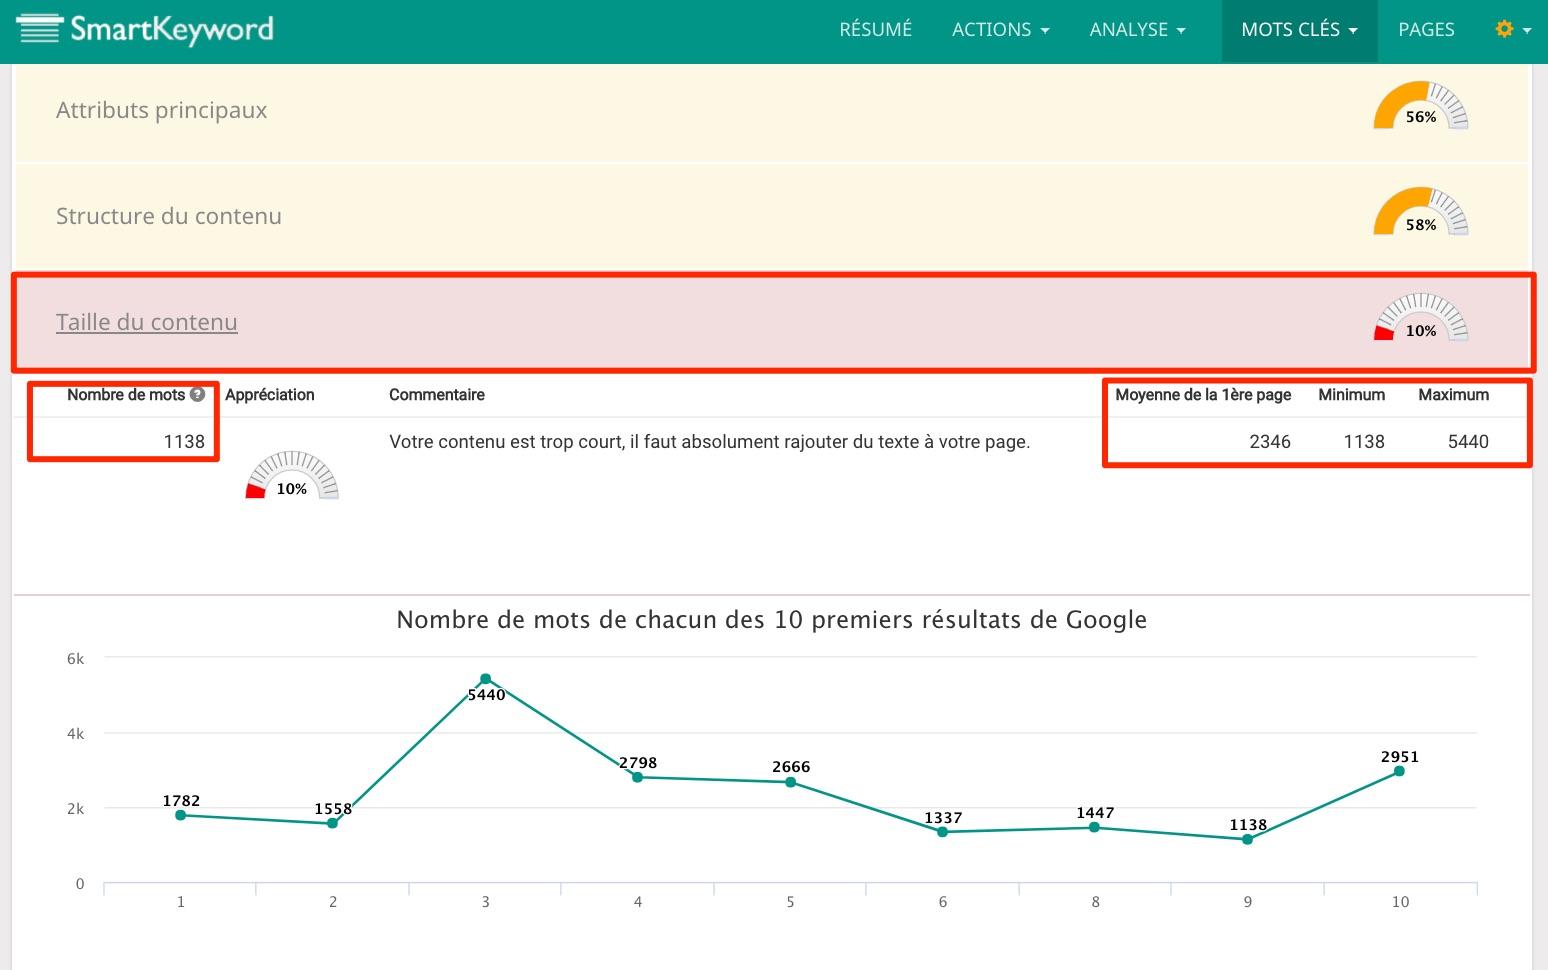 taille du contenu e-commerce seo guide smartkeyword